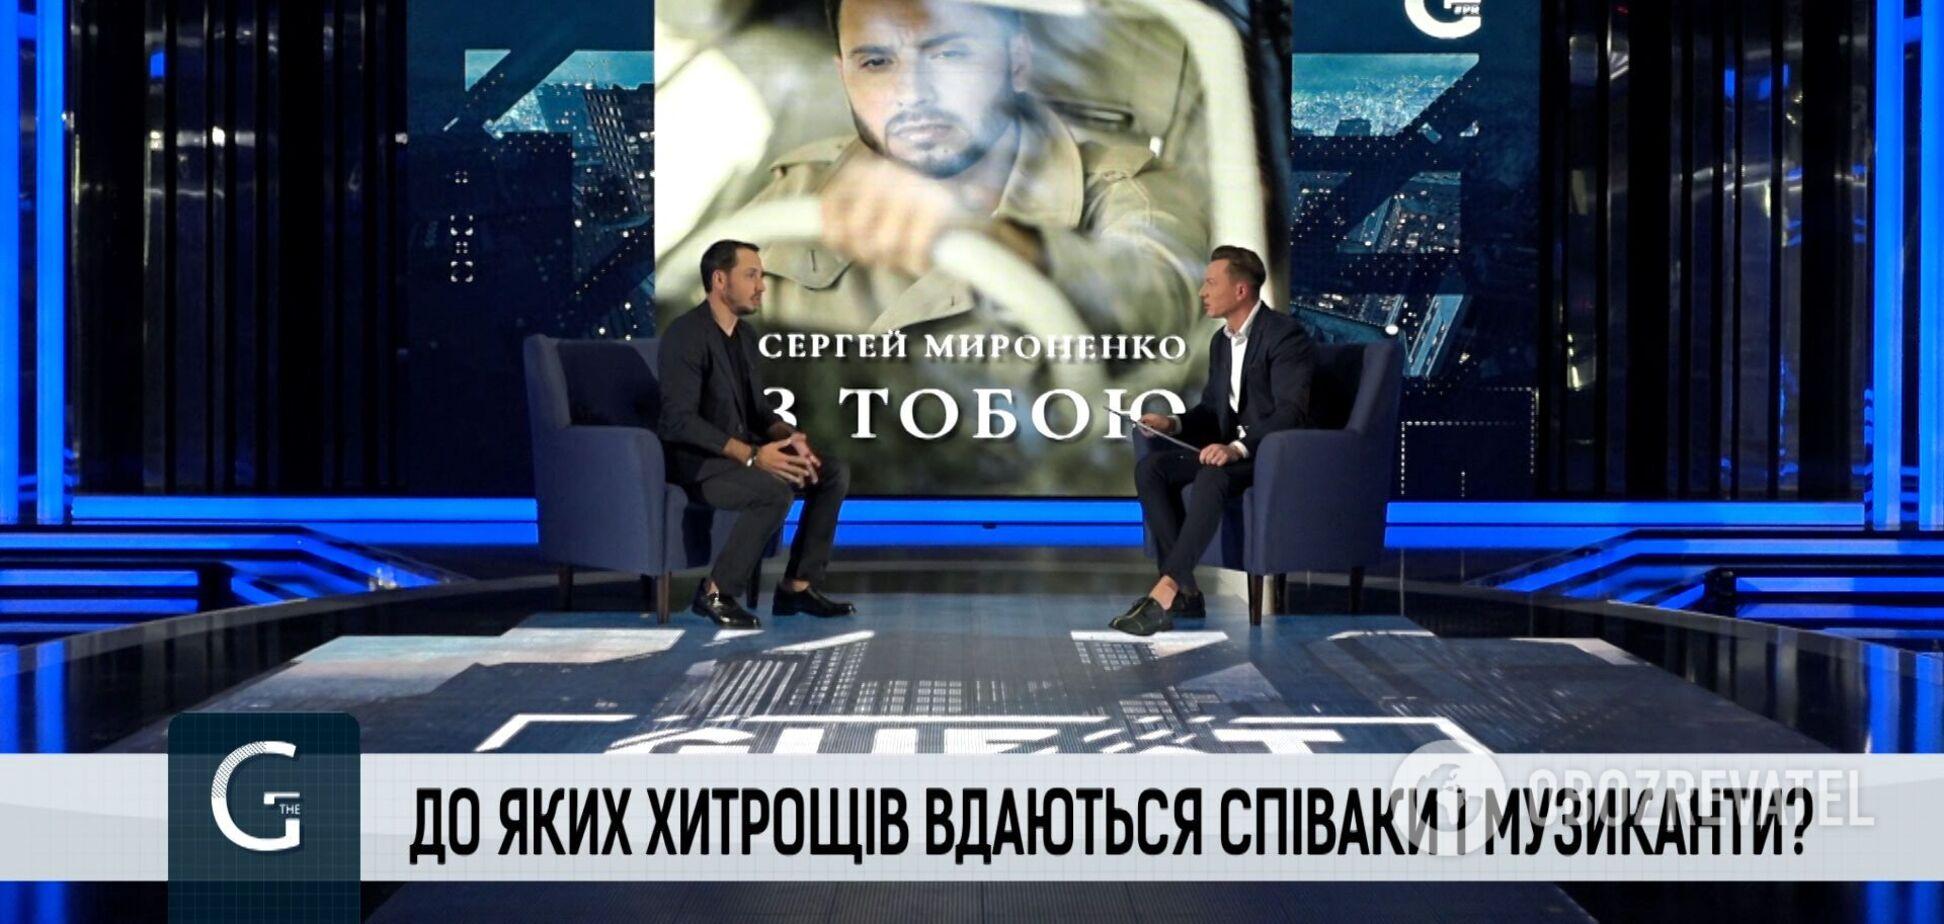 Кліп за мільйон переглядів, - обіцяє Сергій Мироненко